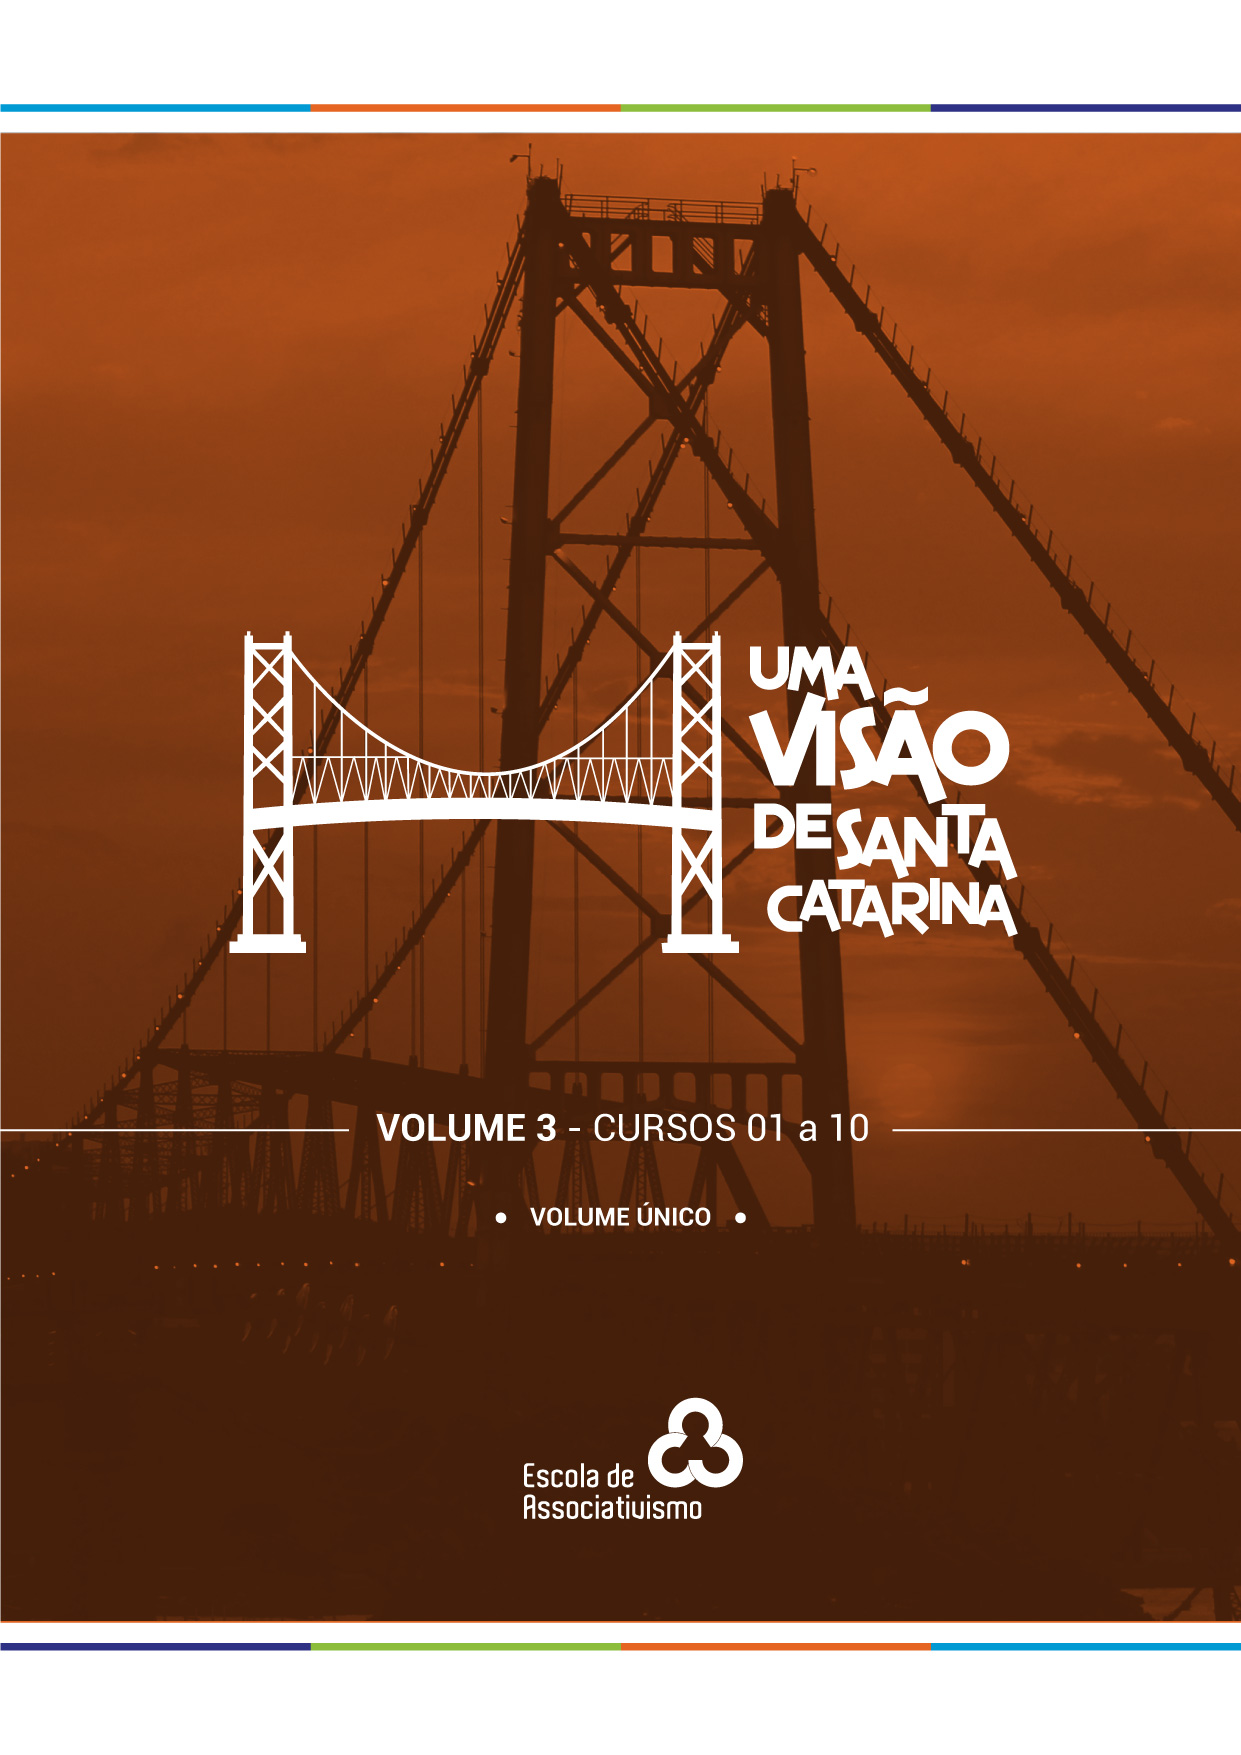 Capa da Cartilha Uma Visão de Santa Catarina